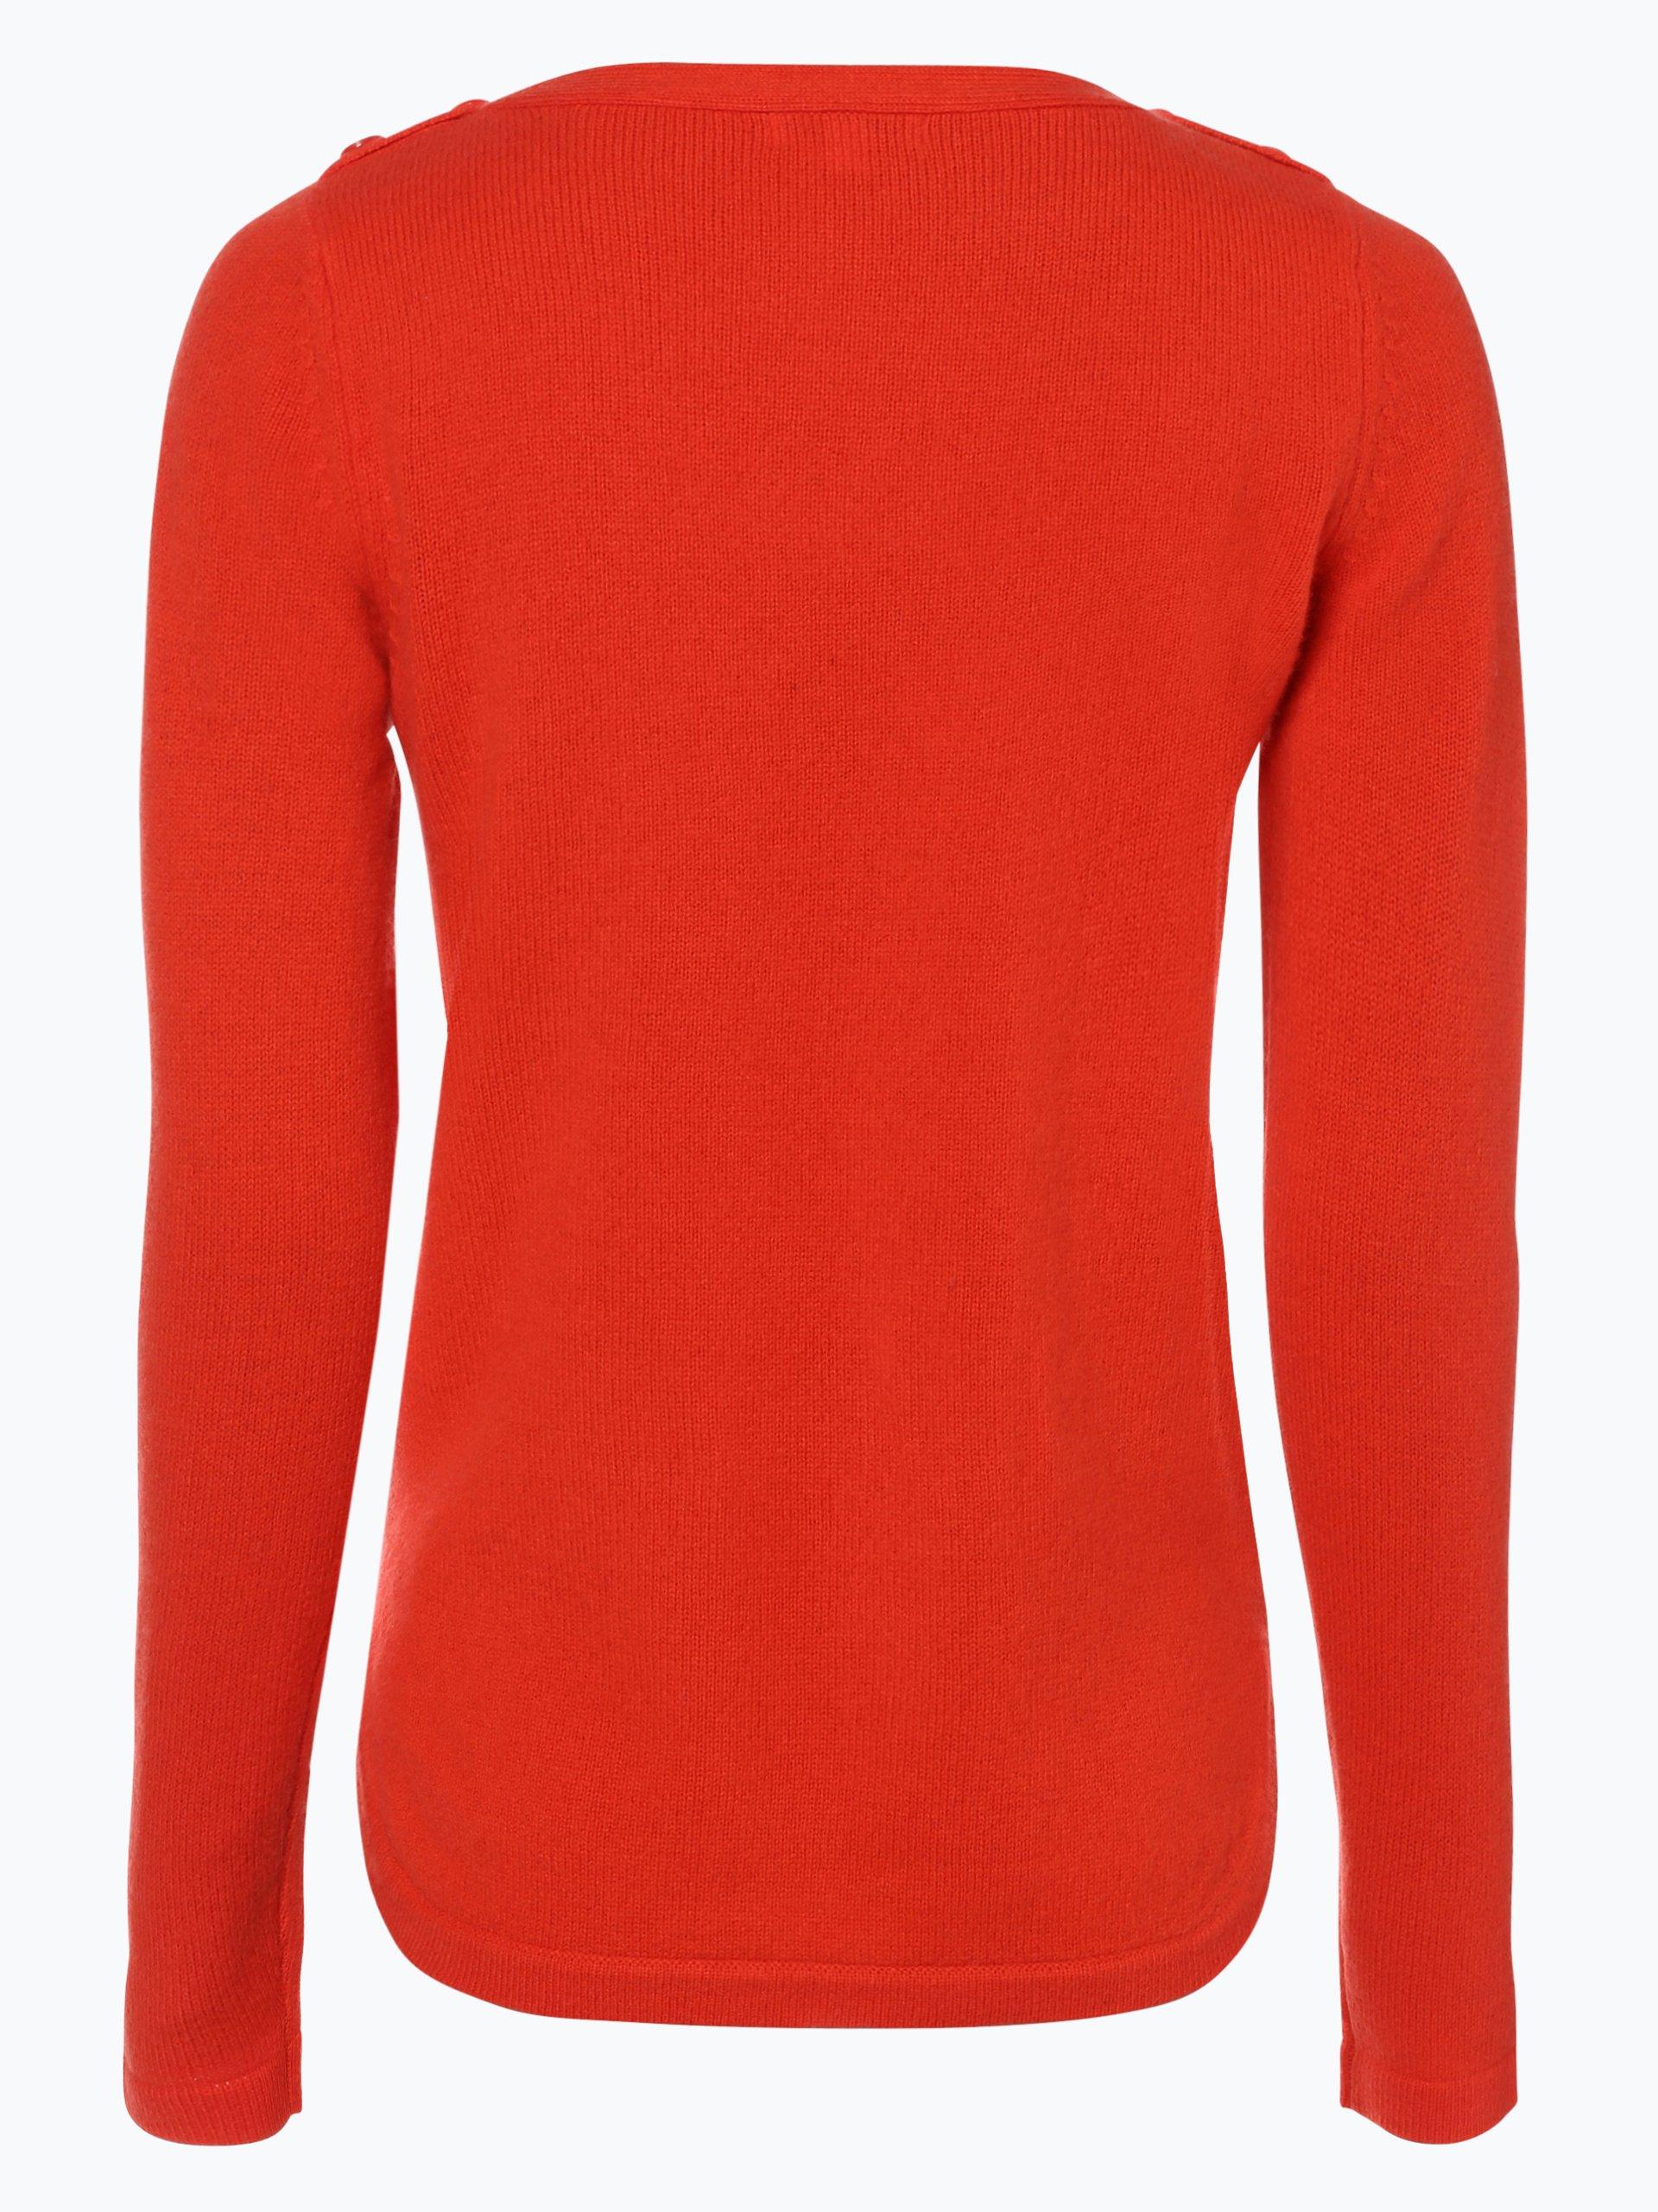 marie lund damen pullover orange uni online kaufen. Black Bedroom Furniture Sets. Home Design Ideas